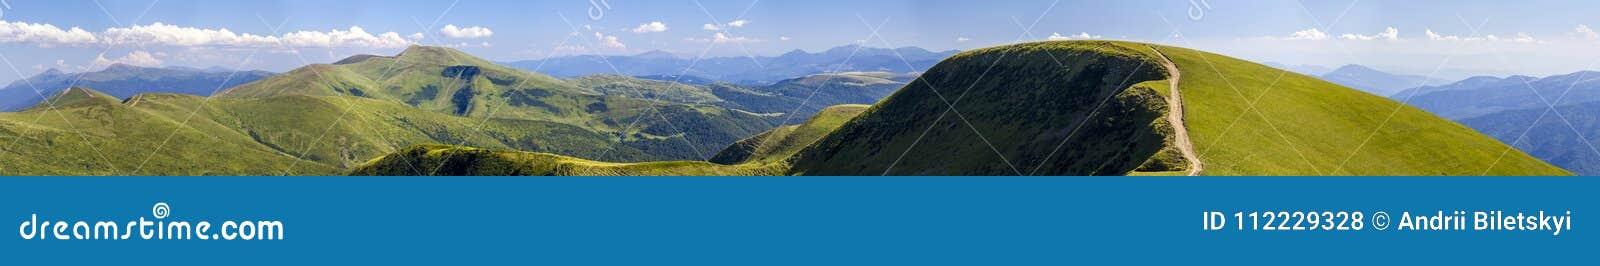 Панорама зеленых холмов в горах лета с дорогой гравия для